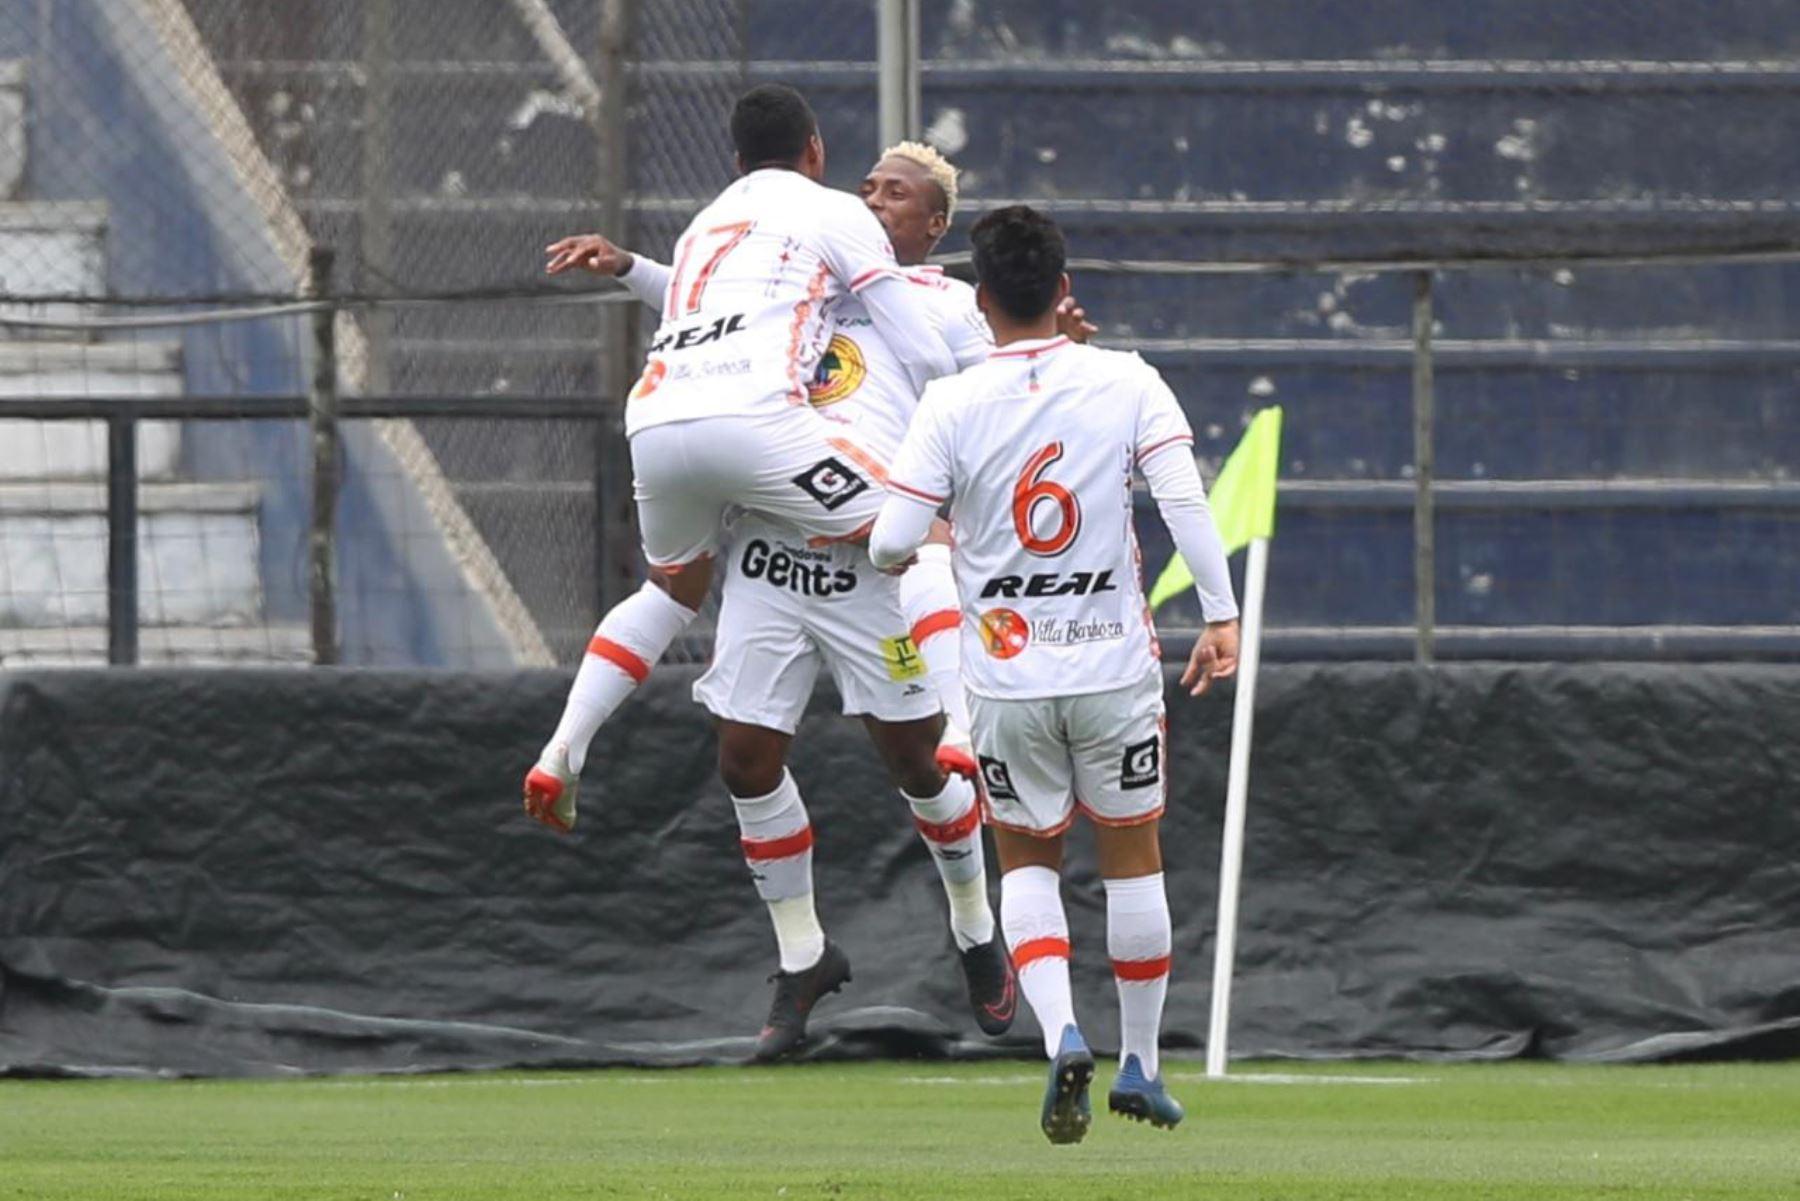 El futbolista Roberto Villamarín de Ayacucho FC celebra tras anotar gol a Deportivo Municipal por la jornada 11 de la Liga 1, en el estadio Alejandro Villanueva. Foto: @LigaFutProf